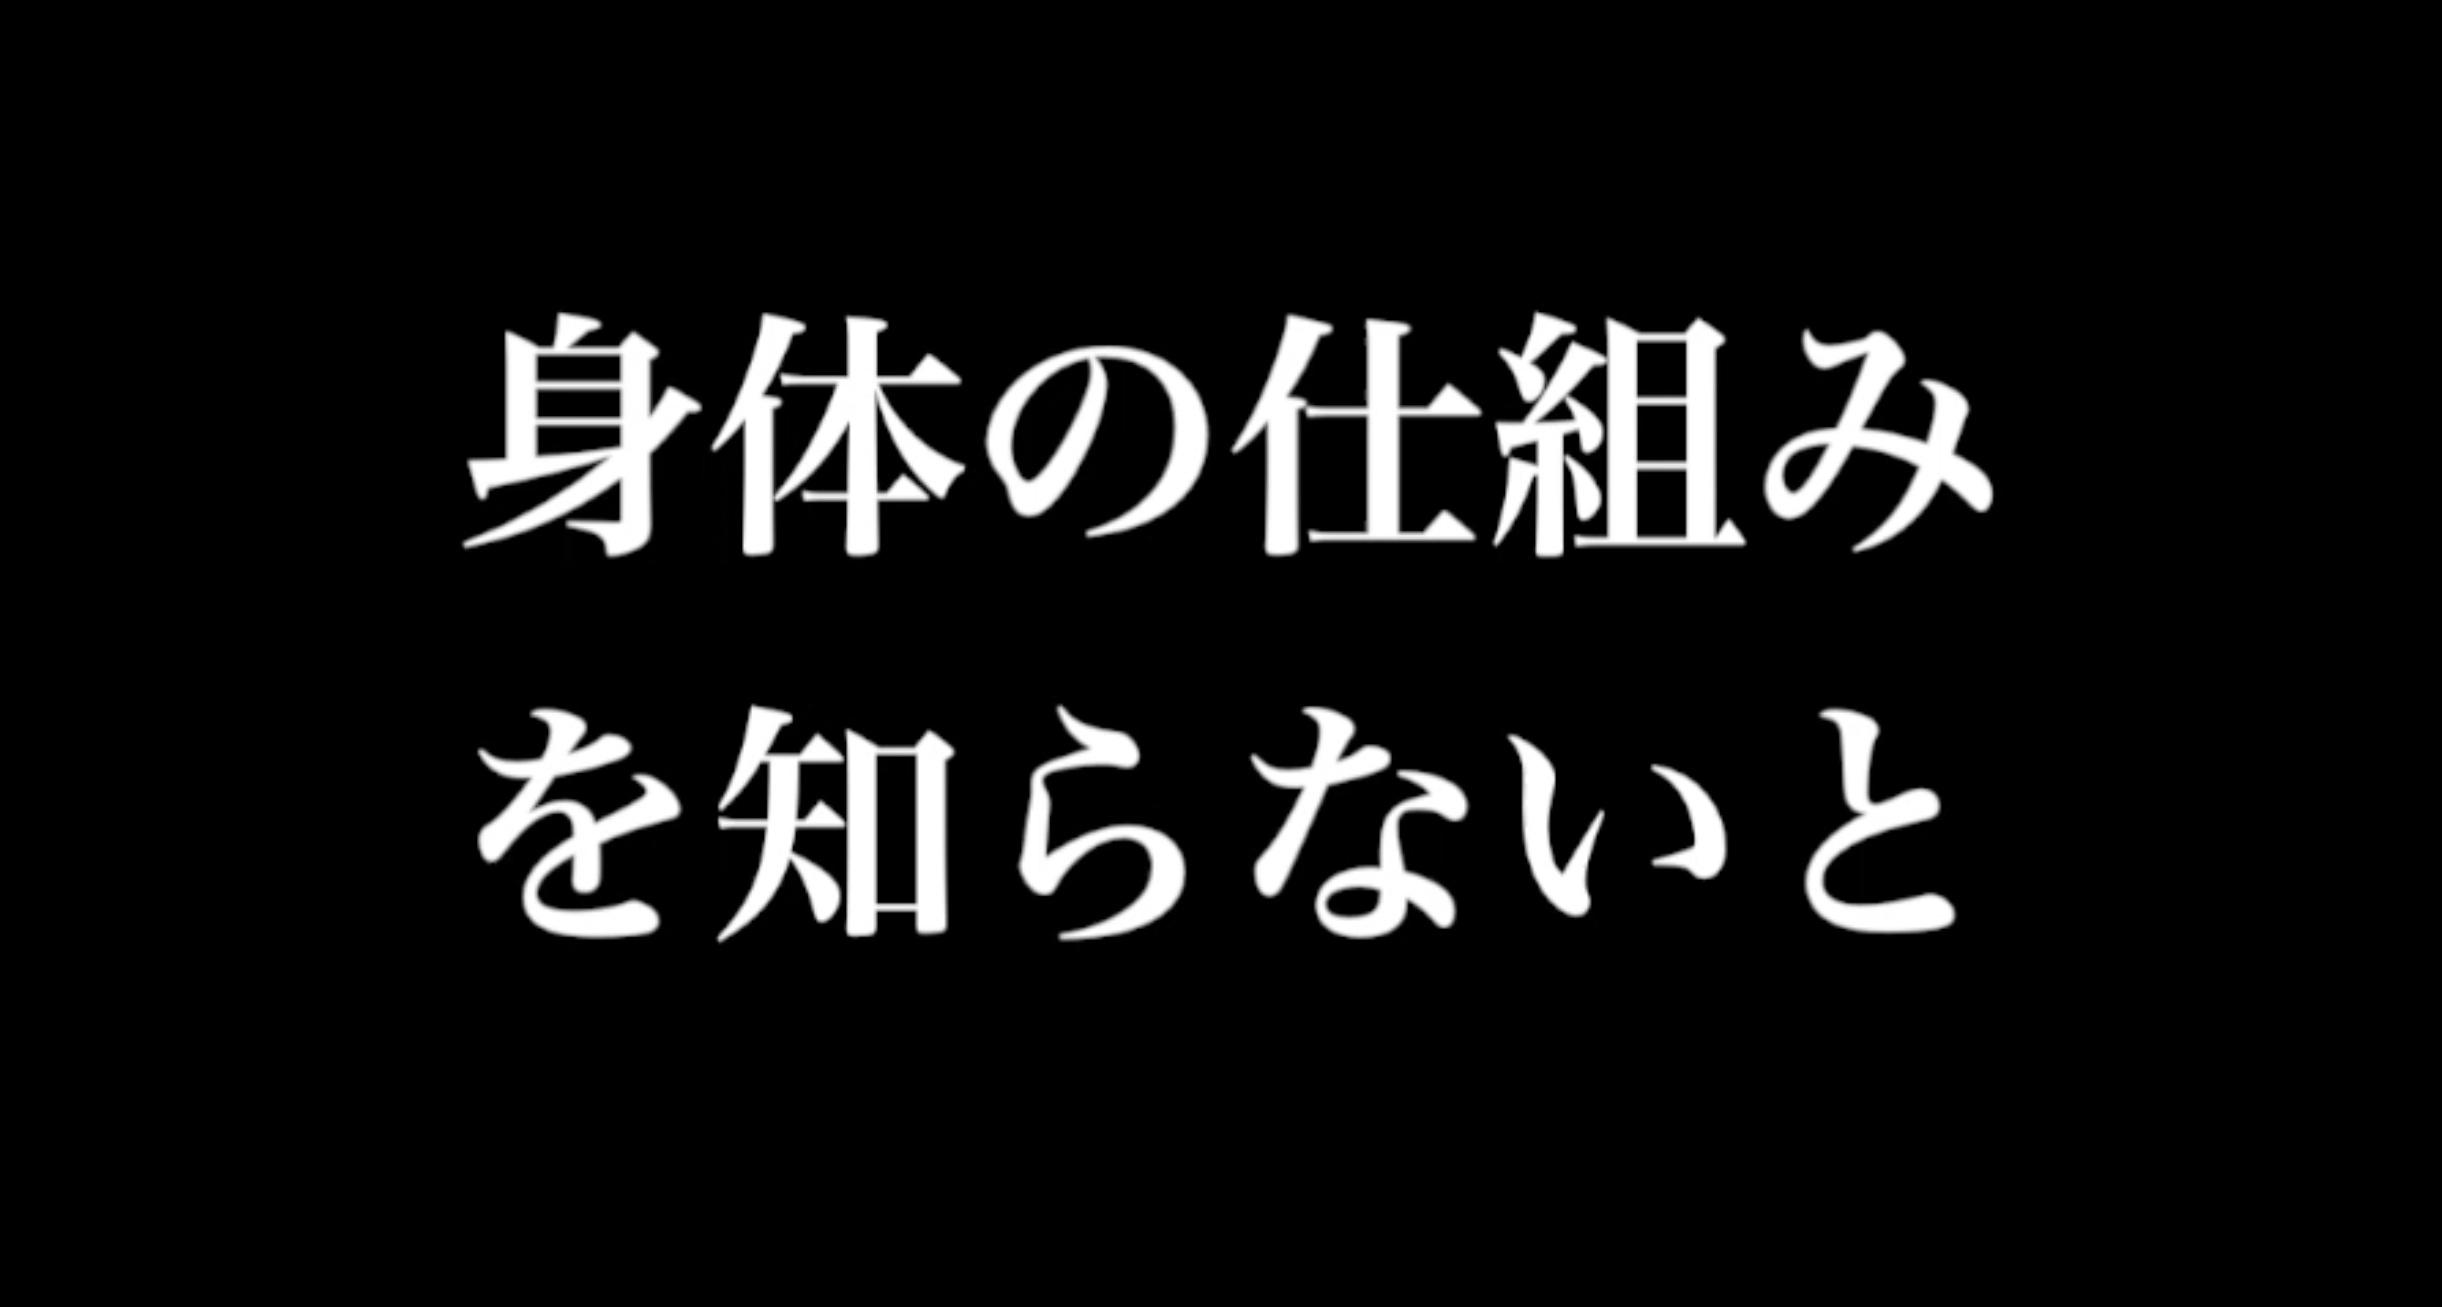 第2787話・・・バレー塾 第998回im橋本_c0000970_09543019.jpg